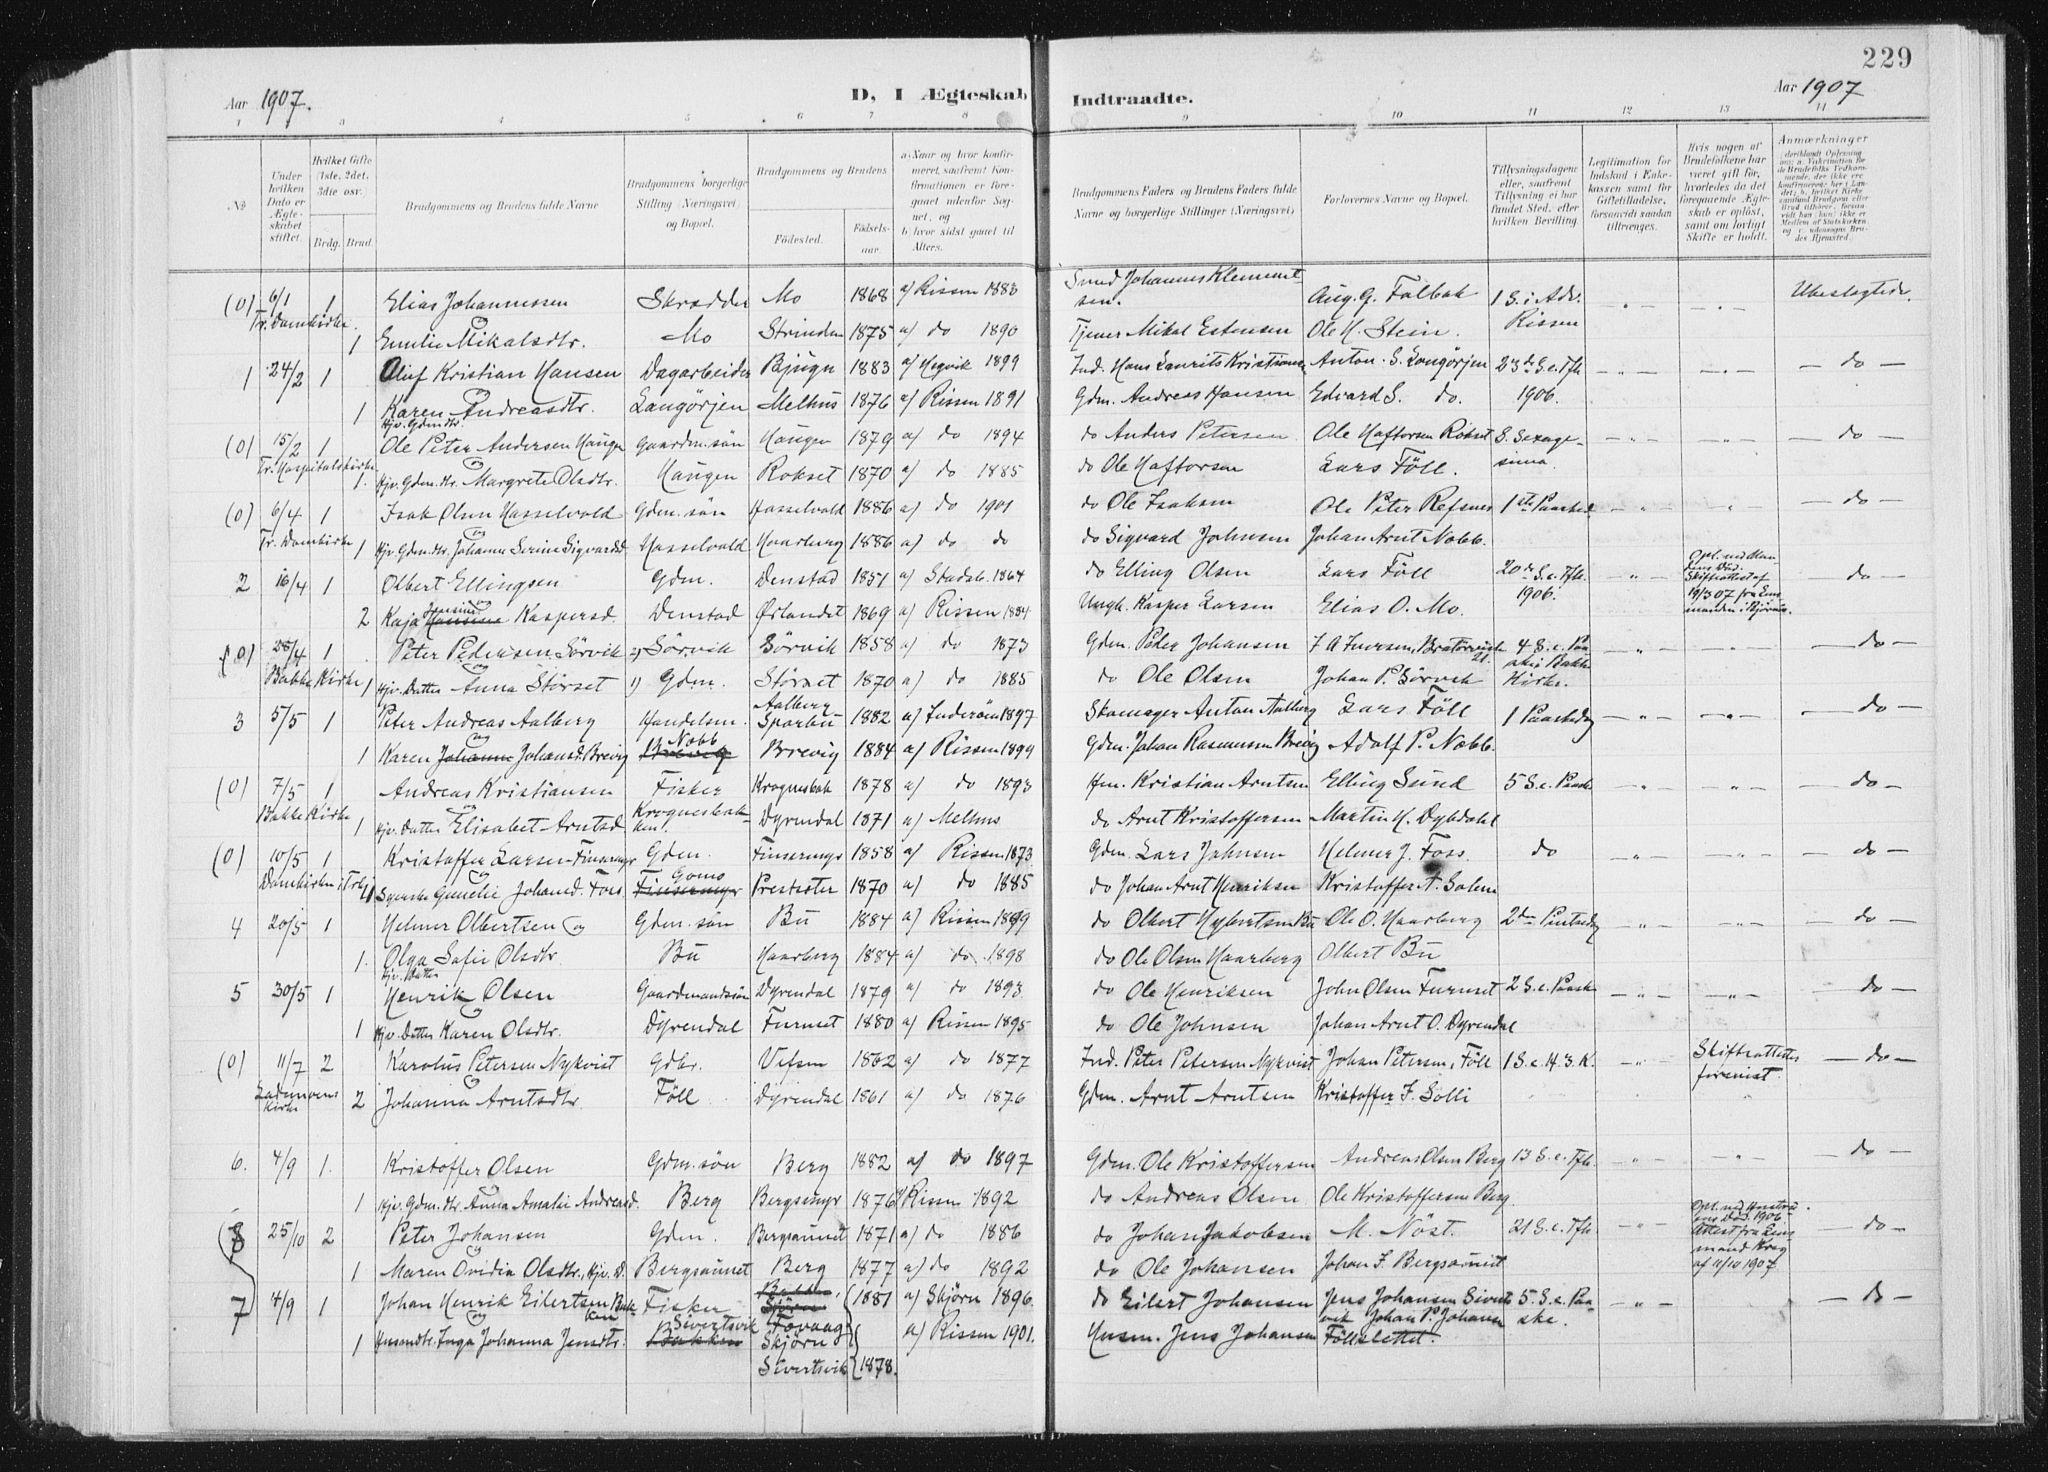 SAT, Ministerialprotokoller, klokkerbøker og fødselsregistre - Sør-Trøndelag, 647/L0635: Ministerialbok nr. 647A02, 1896-1911, s. 229